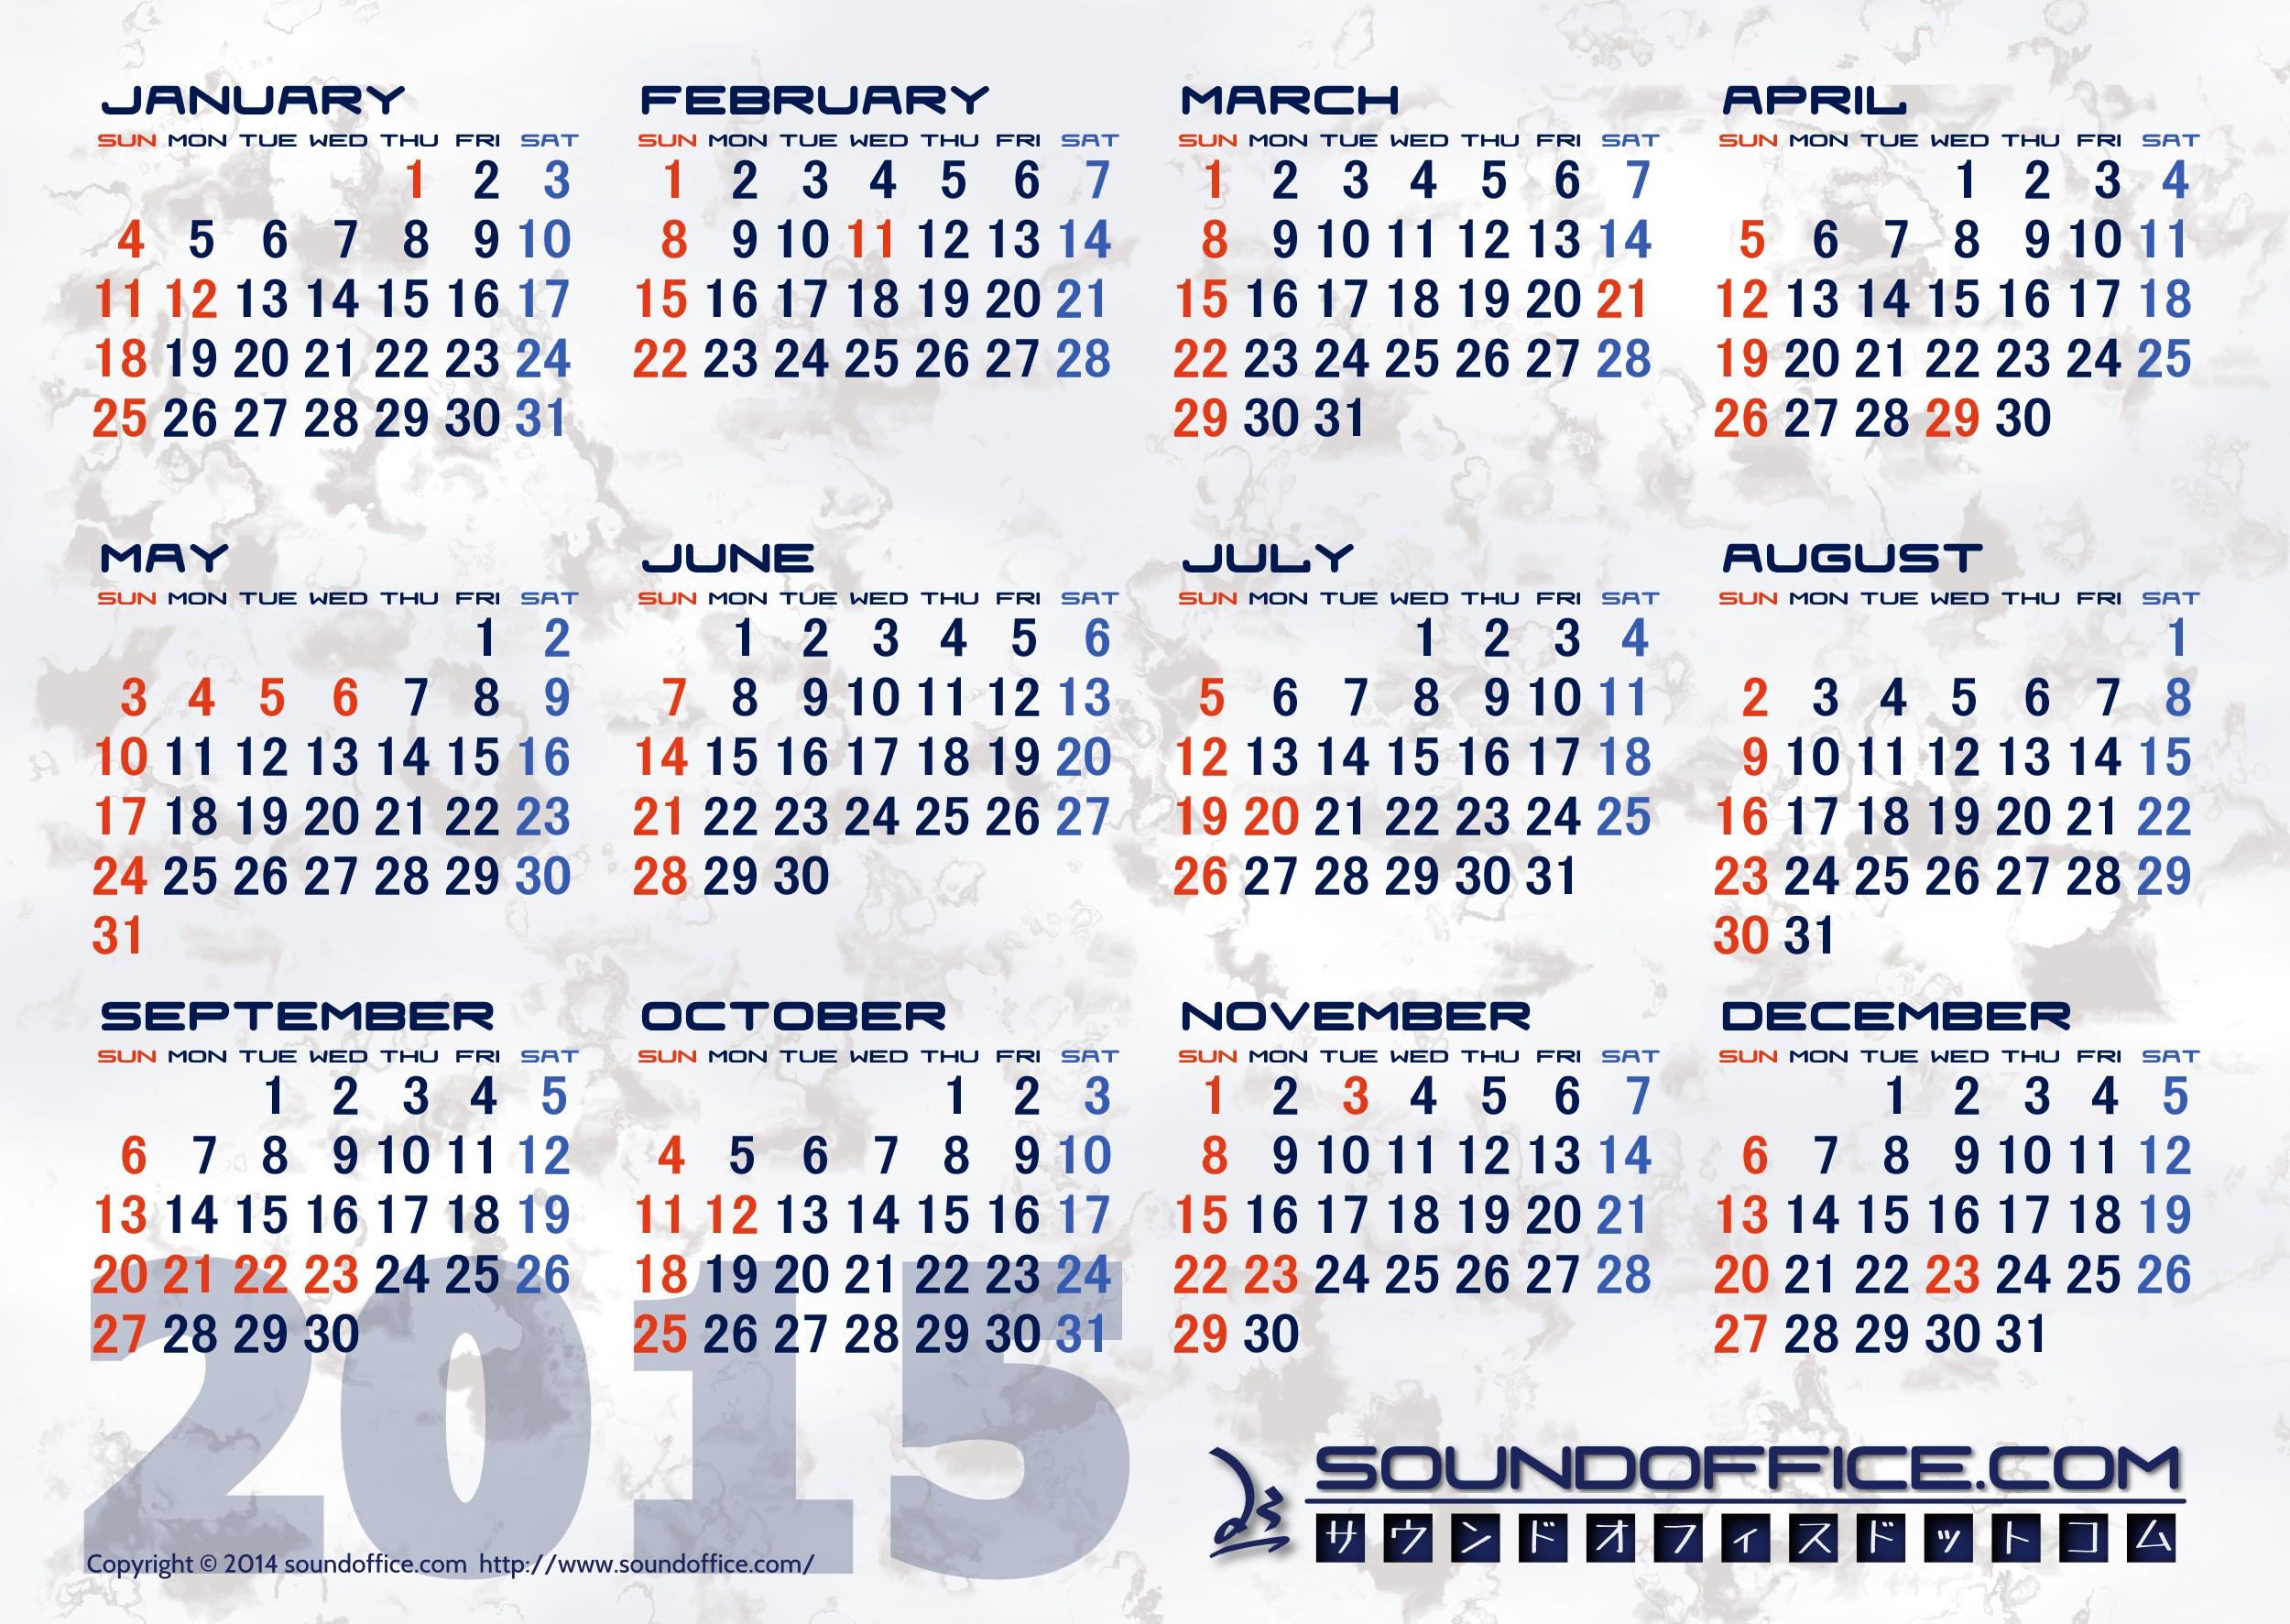 カレンダー 卓上カレンダー 無料 : カレンダー 2015 - Pictures, Images ...